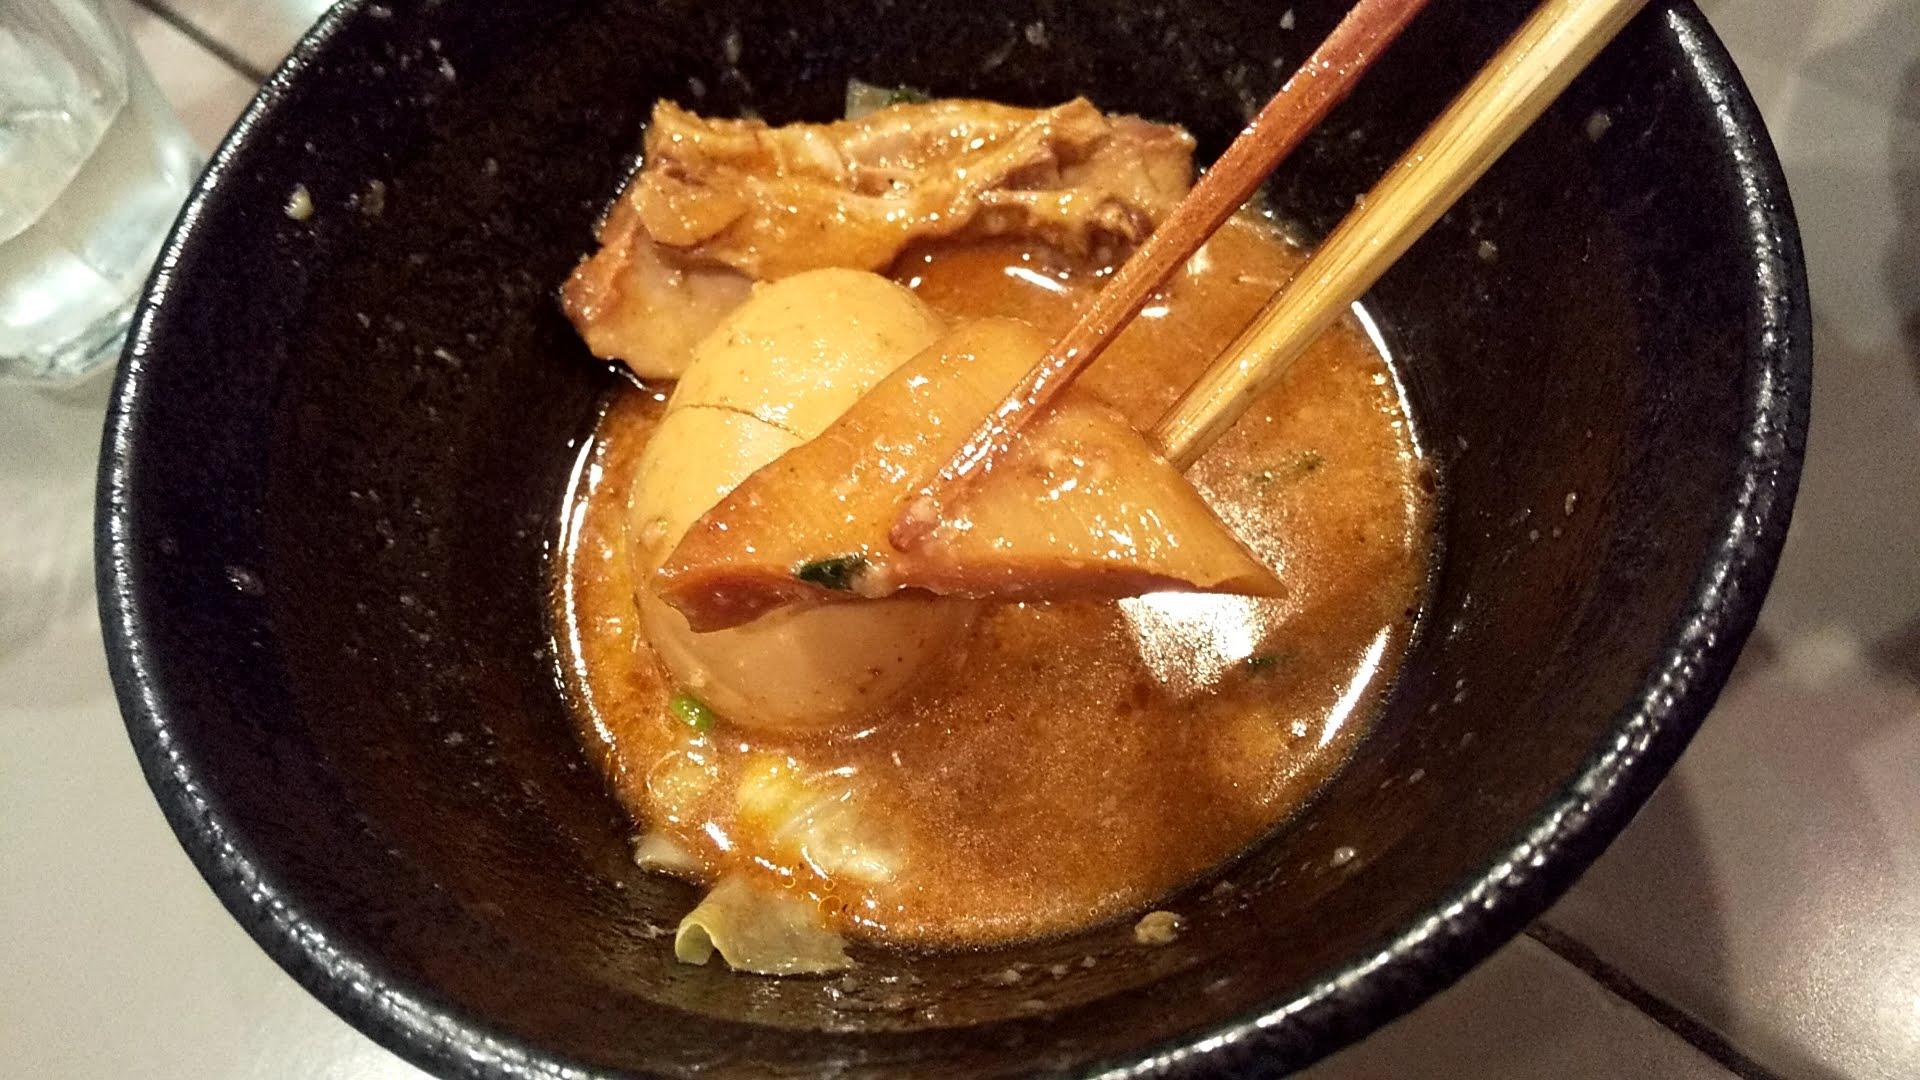 五ノ神製作所の海老つけ麺のめんまリフト